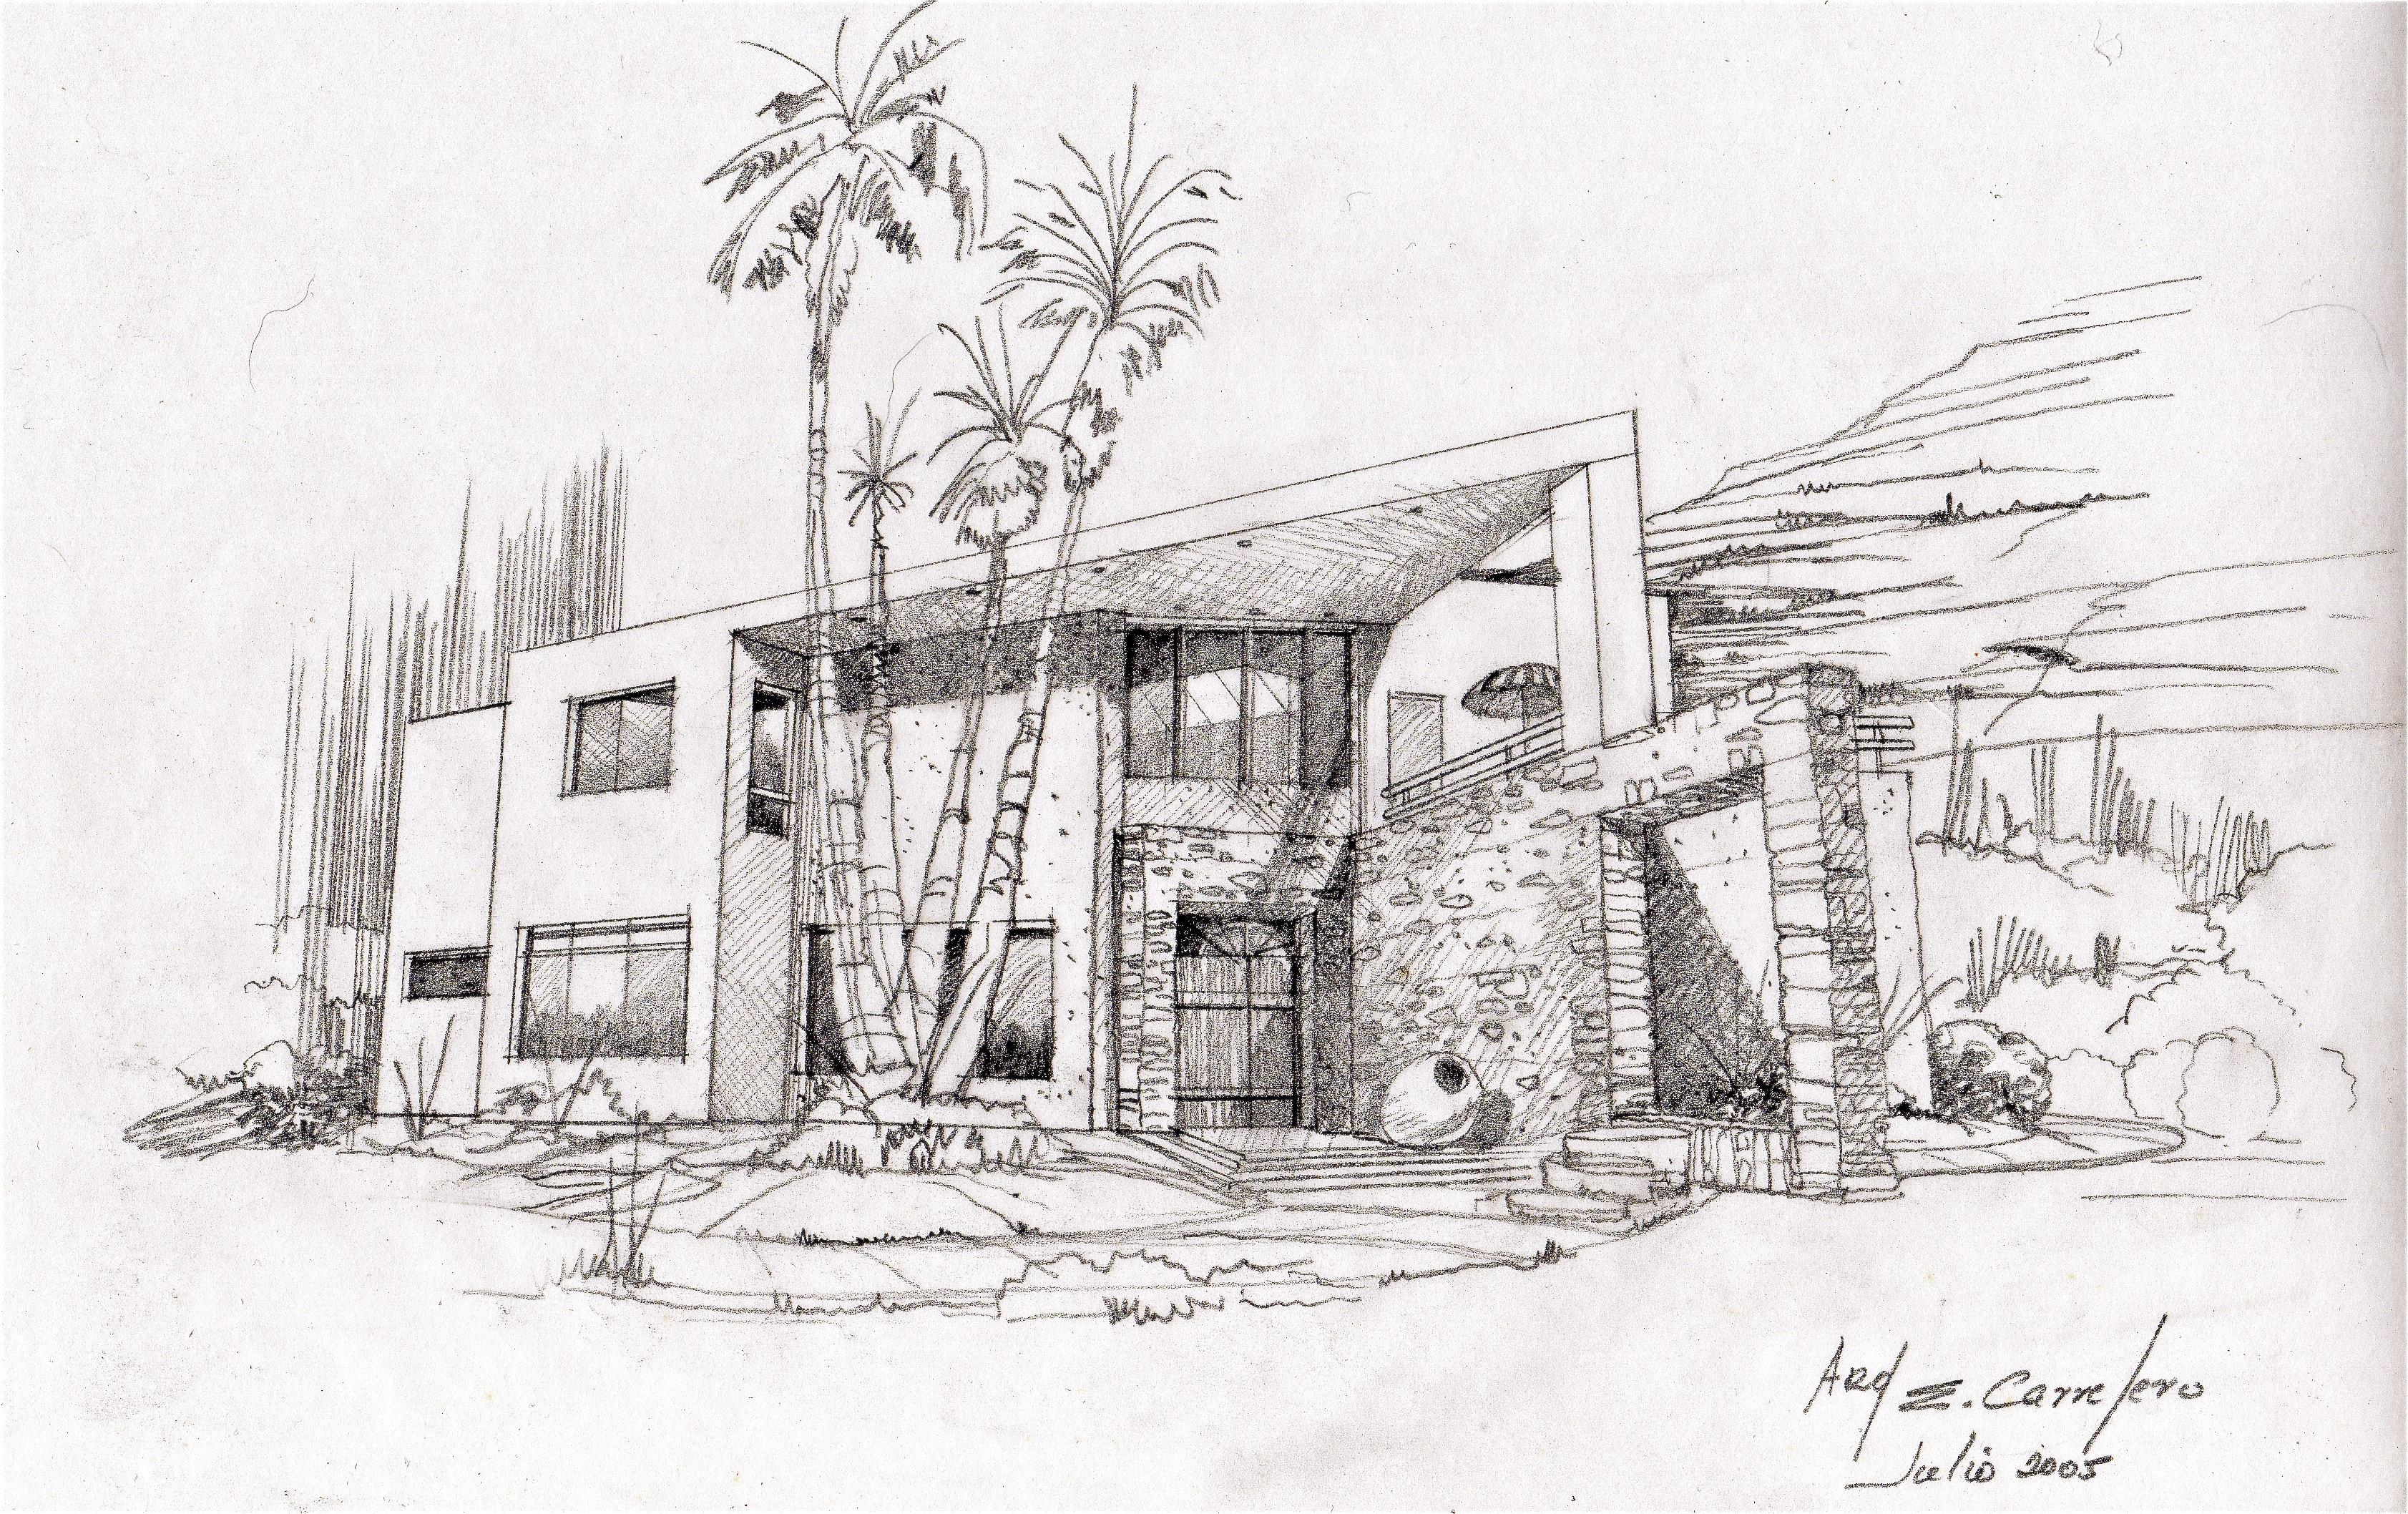 Dibujos 01 t remodela for Dibujo de una oficina moderna